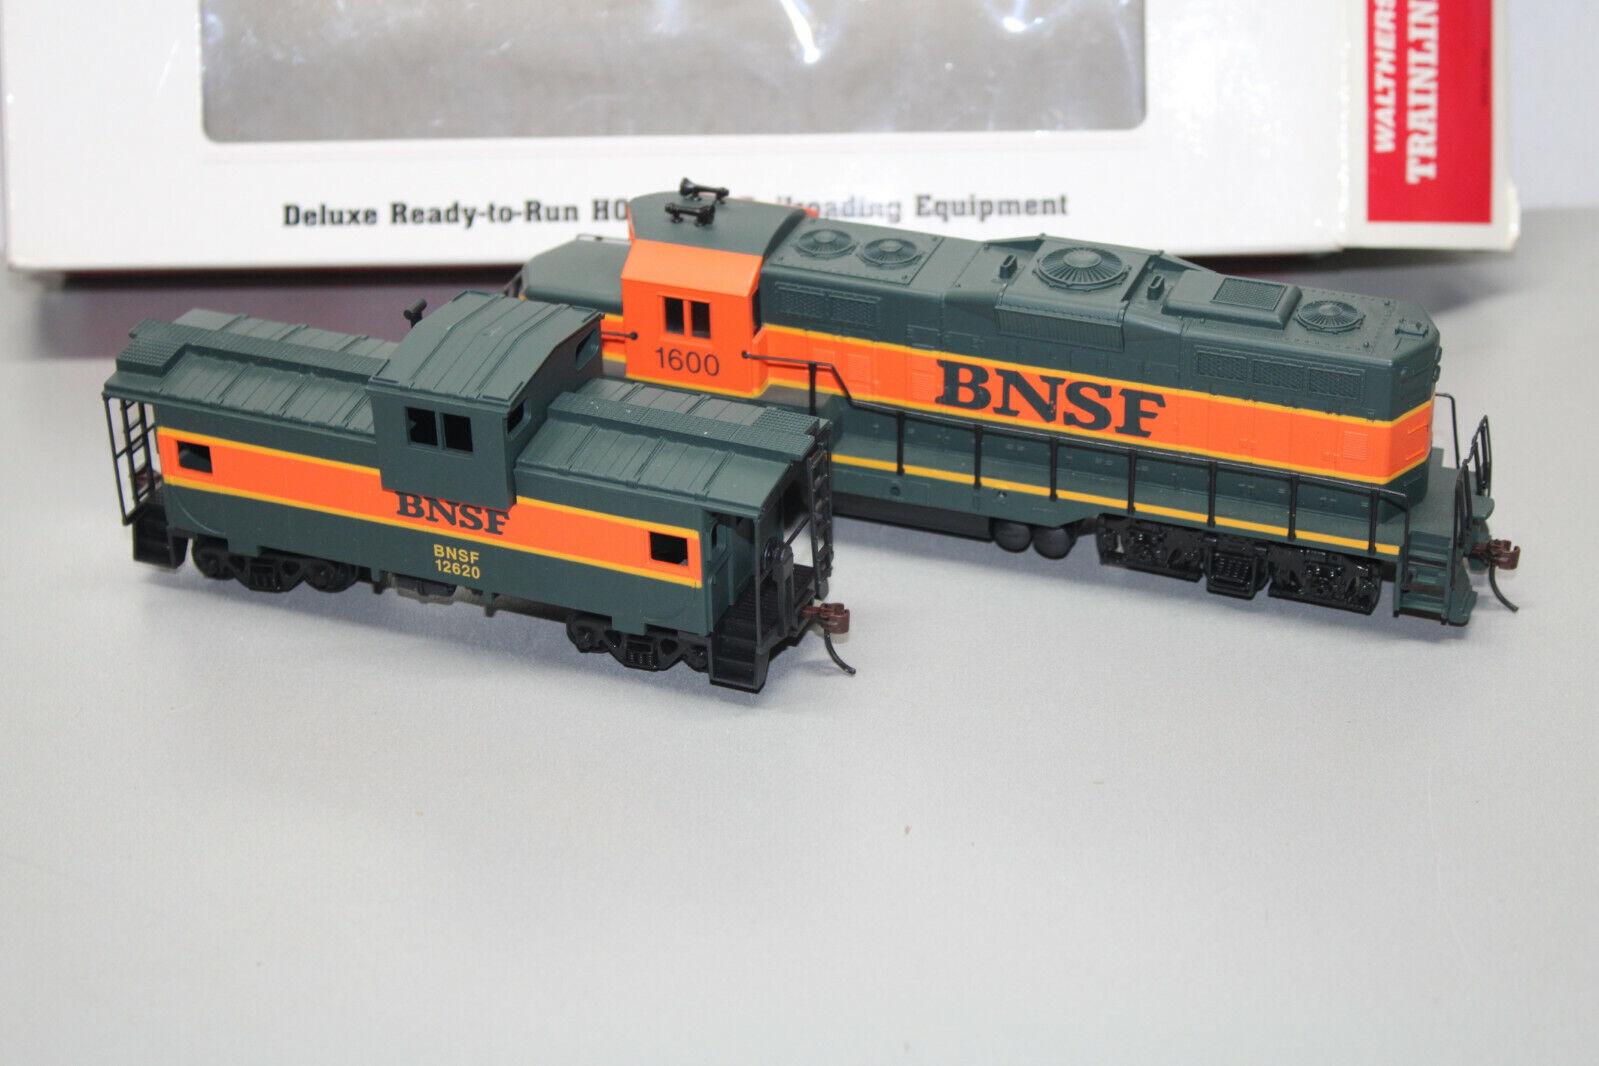 Walthers 931-707 Locomotora con Caboose Coche Bnsf Escala H0 Emb.orig